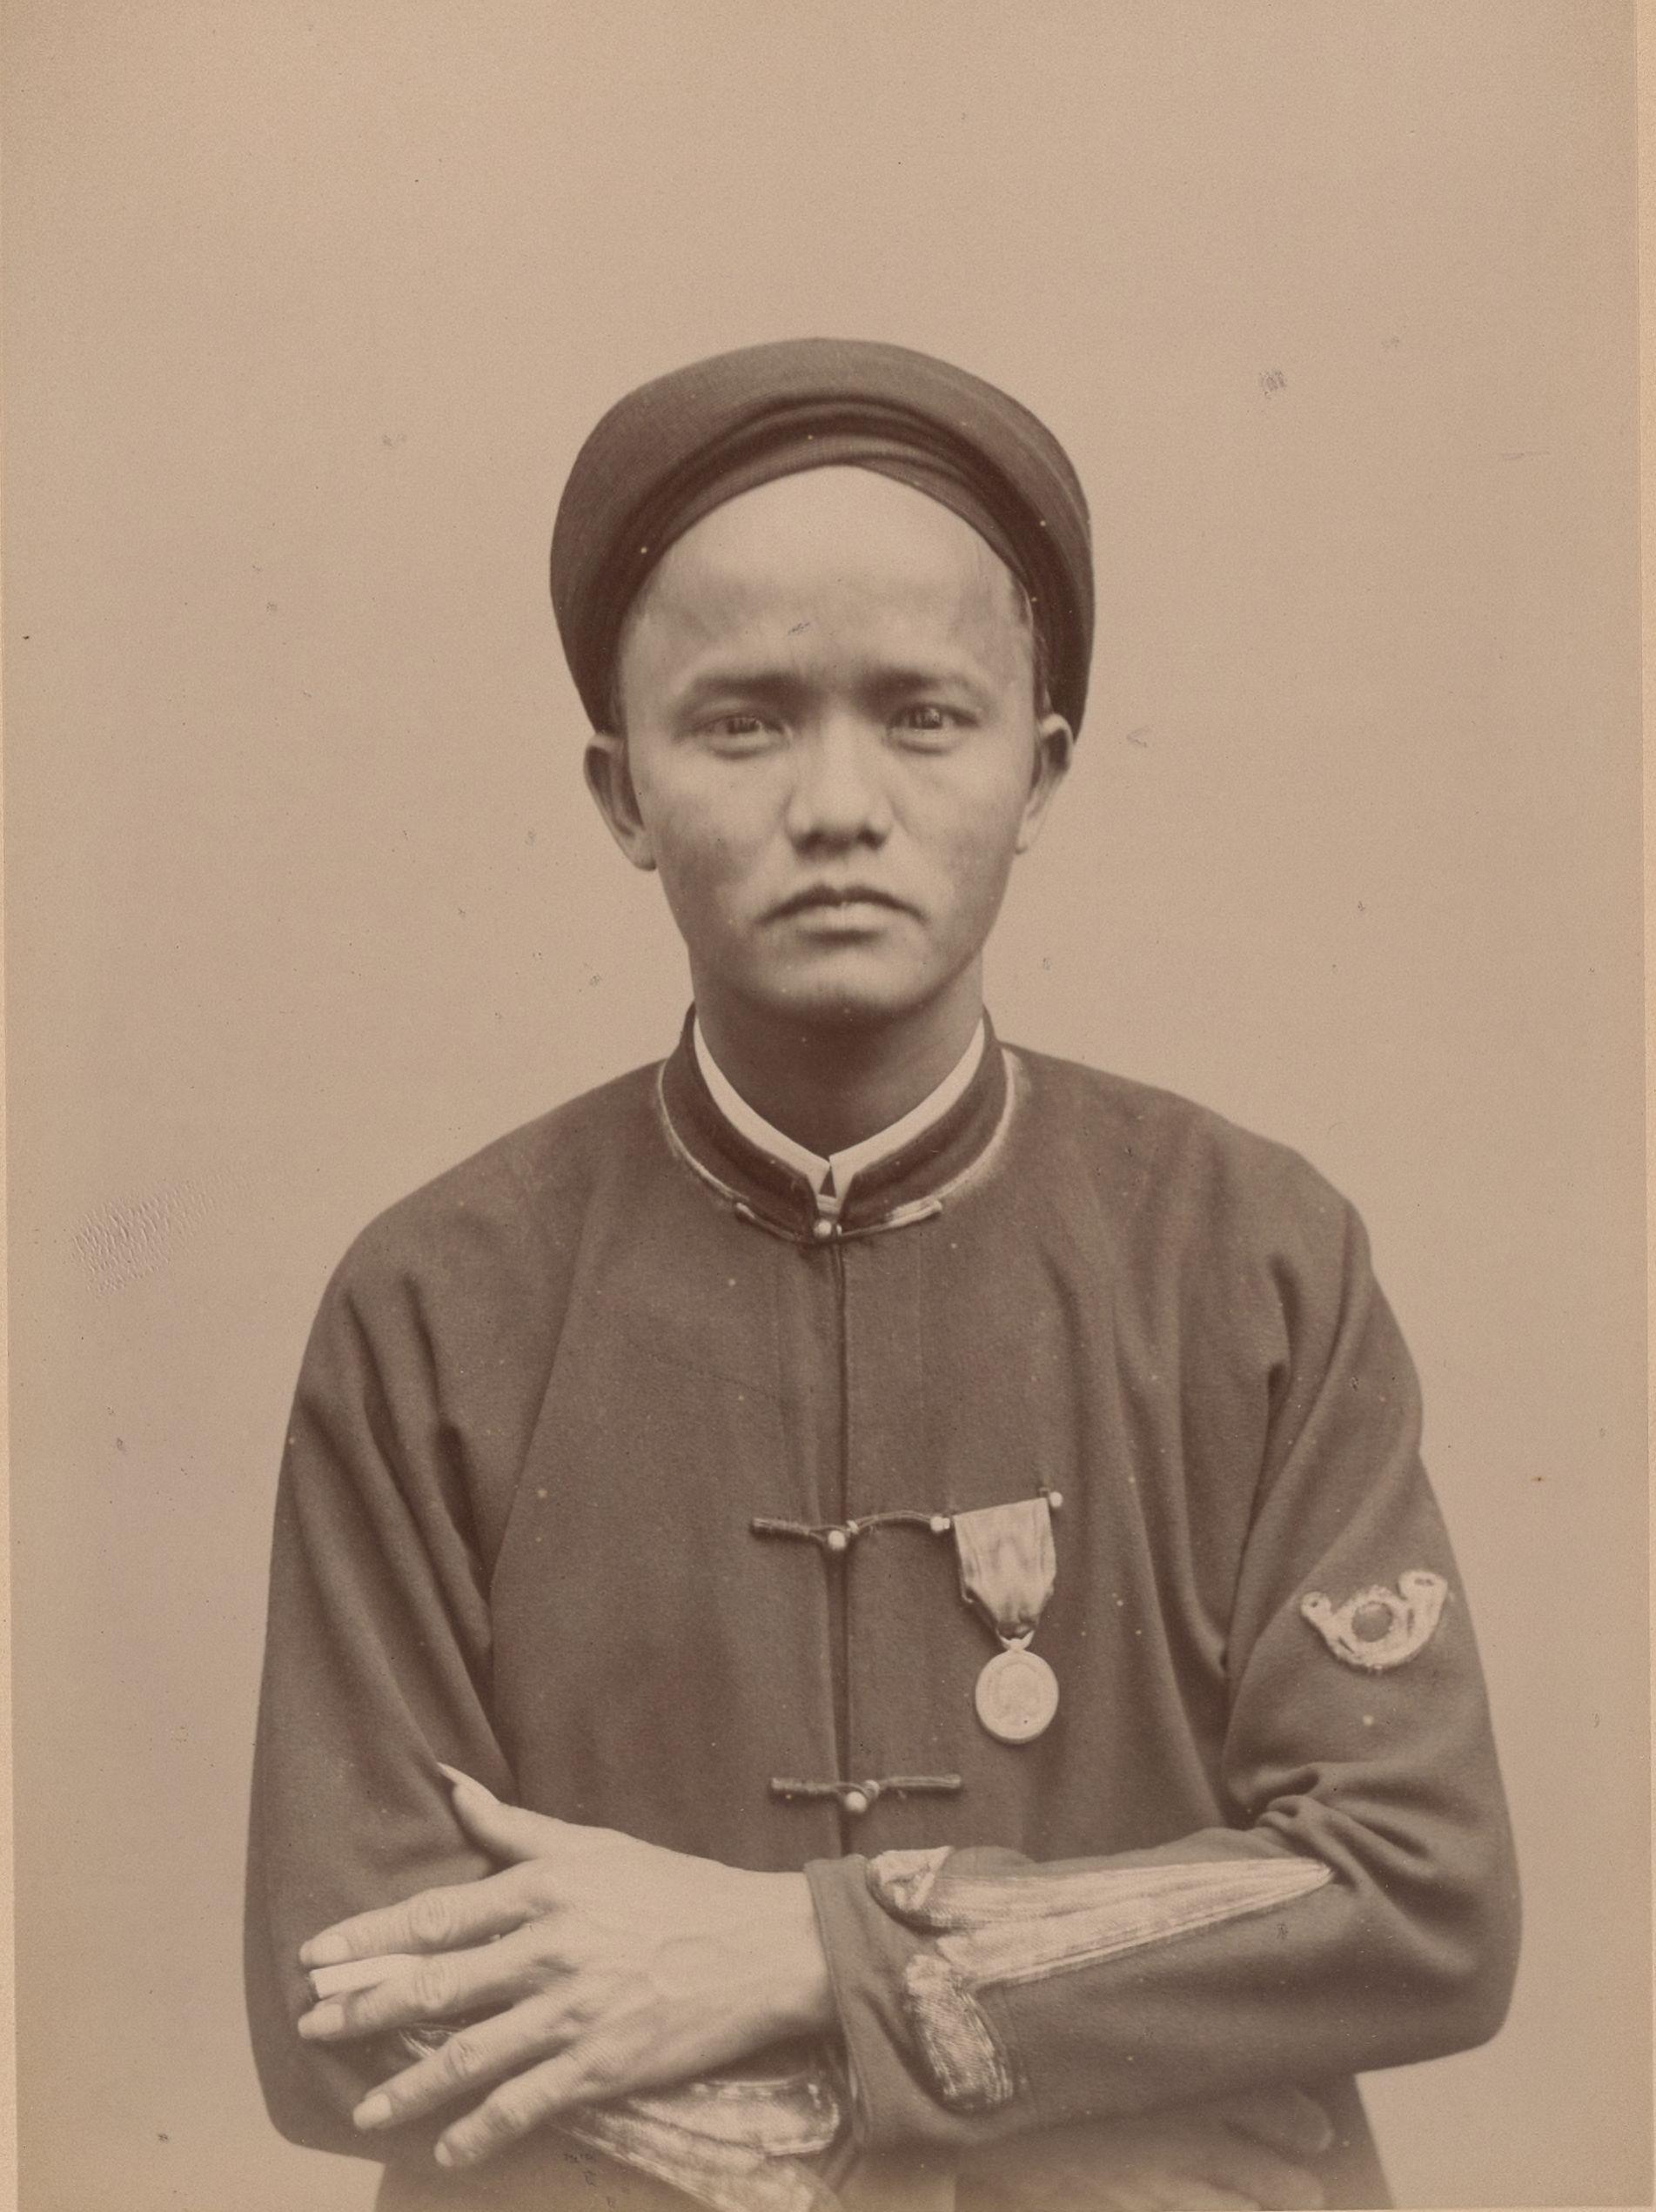 Кэм, 28 лет, родился в Сайгоне (анфас)